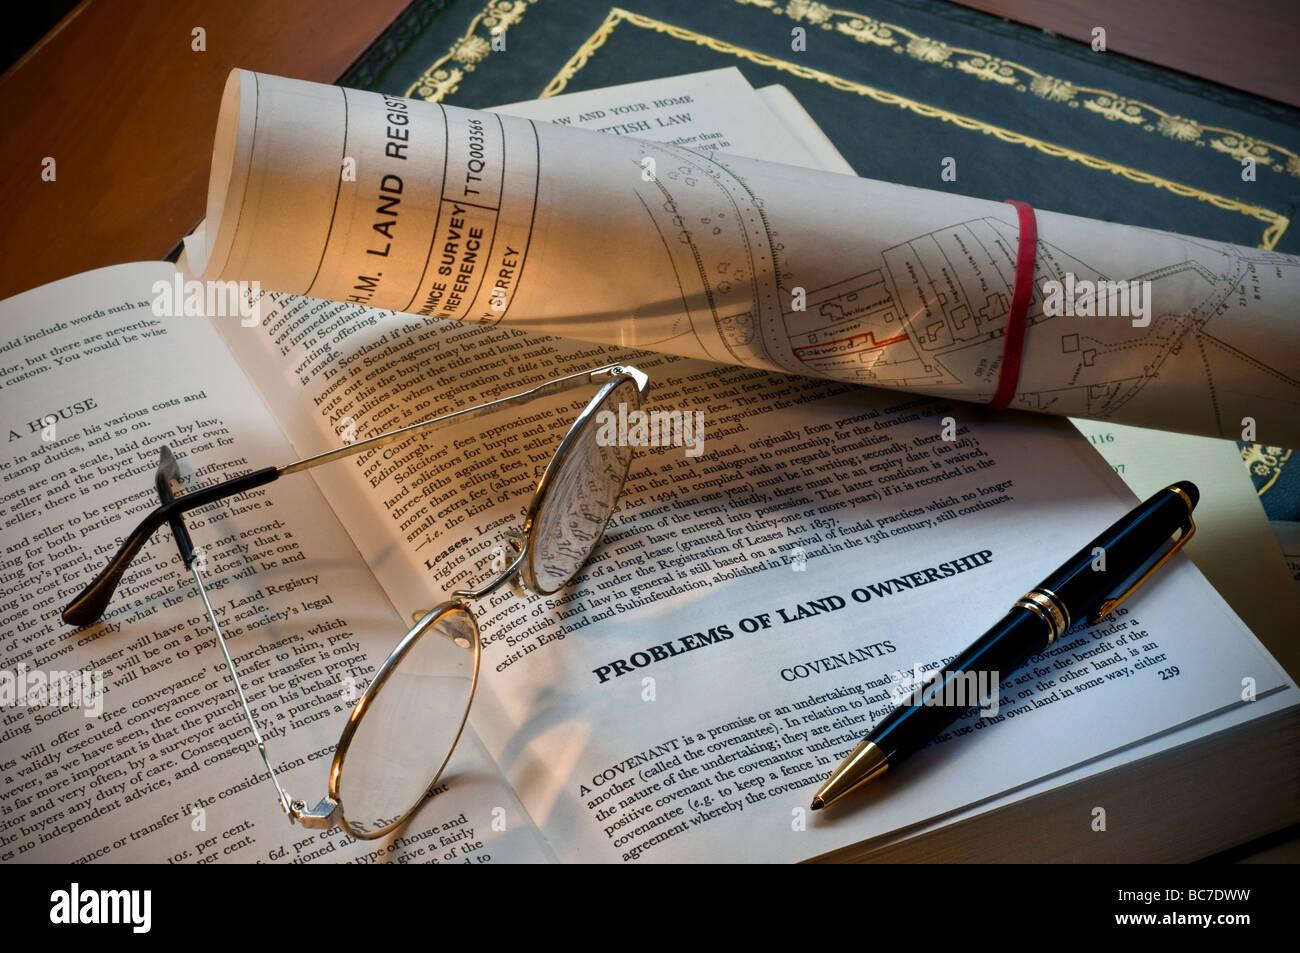 Ufficio Scrivania In Inglese : La legge inglese prenota penna bicchieri e catasto documenti sulla